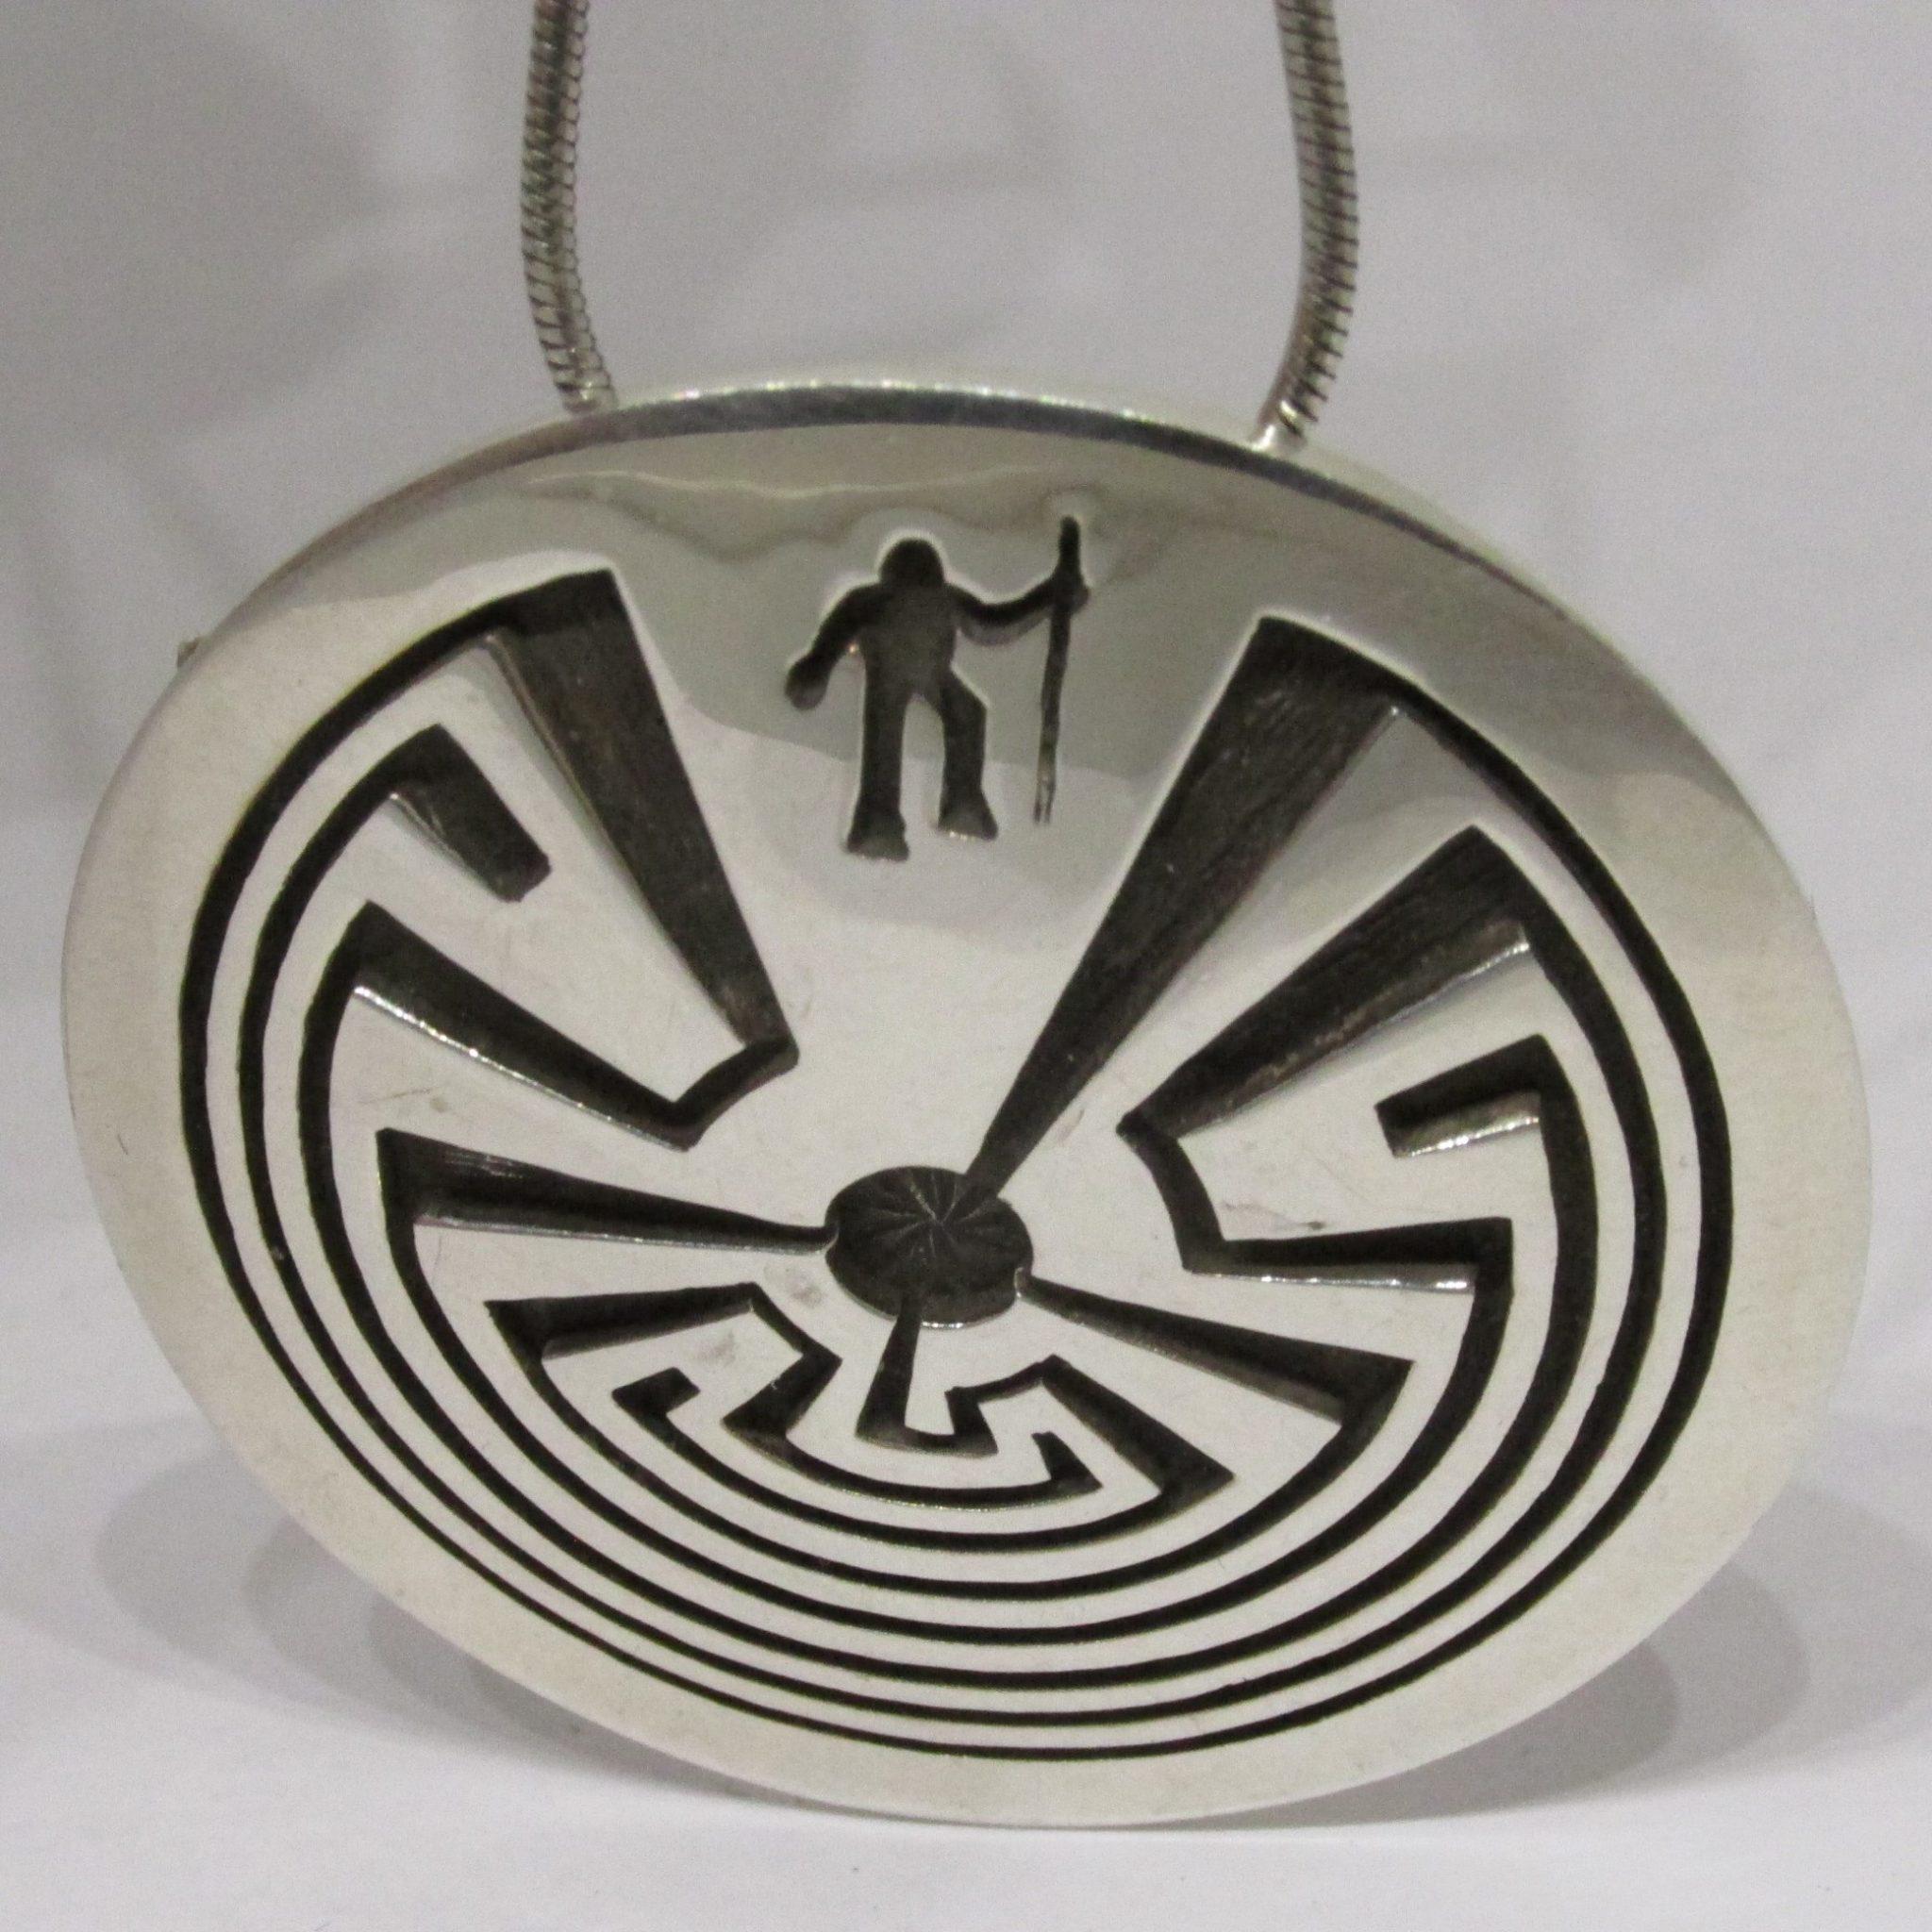 e1d573cc3846 Rick Manuel Tohono O'odham Man in the Maze Sterling Silver Pendant ...